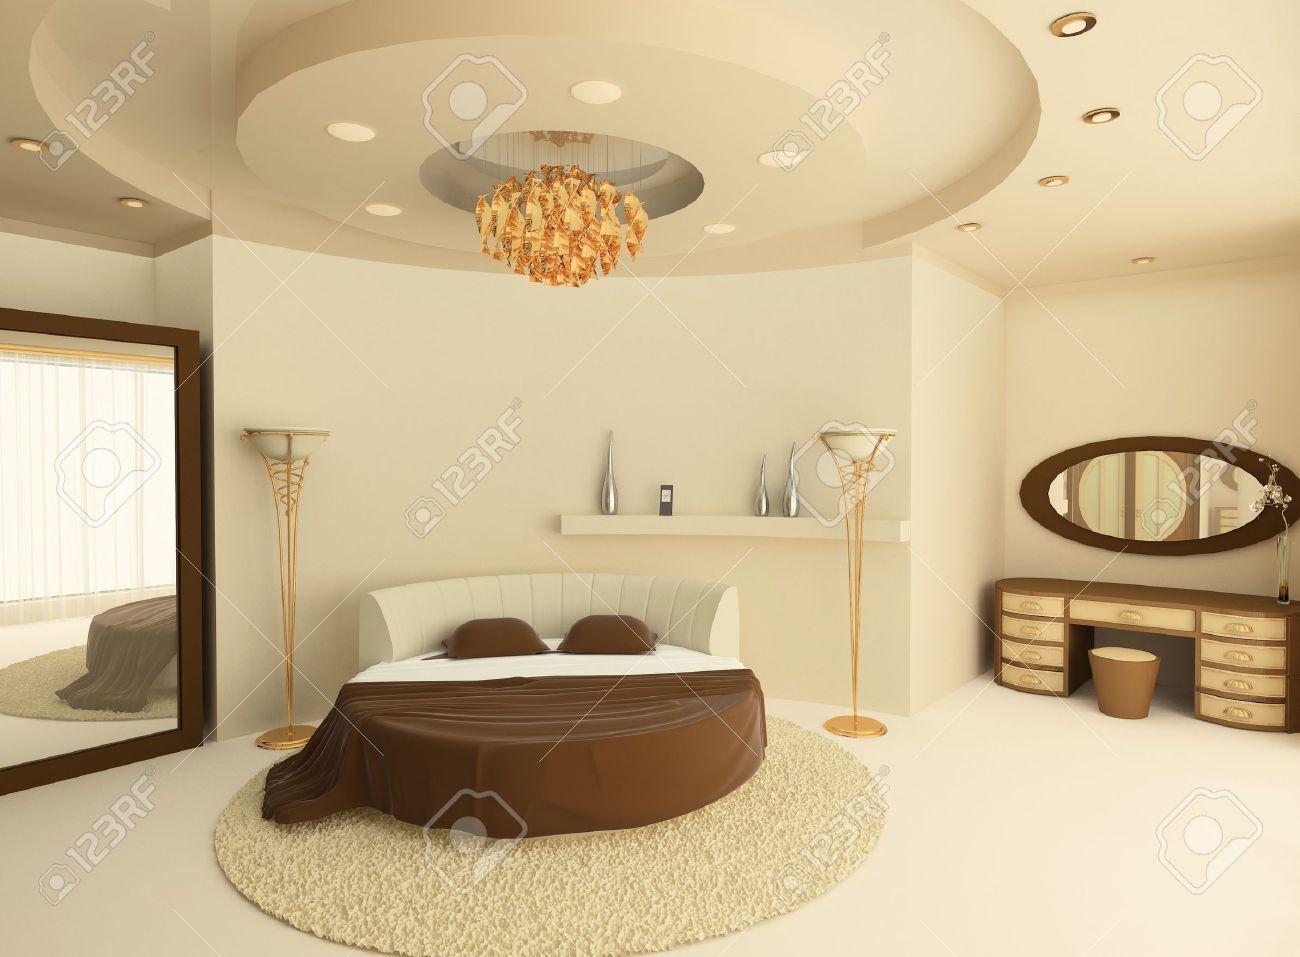 3d Round ágyban Egy álmennyezet Egy Luxus Hálószoba Royalty Free ...